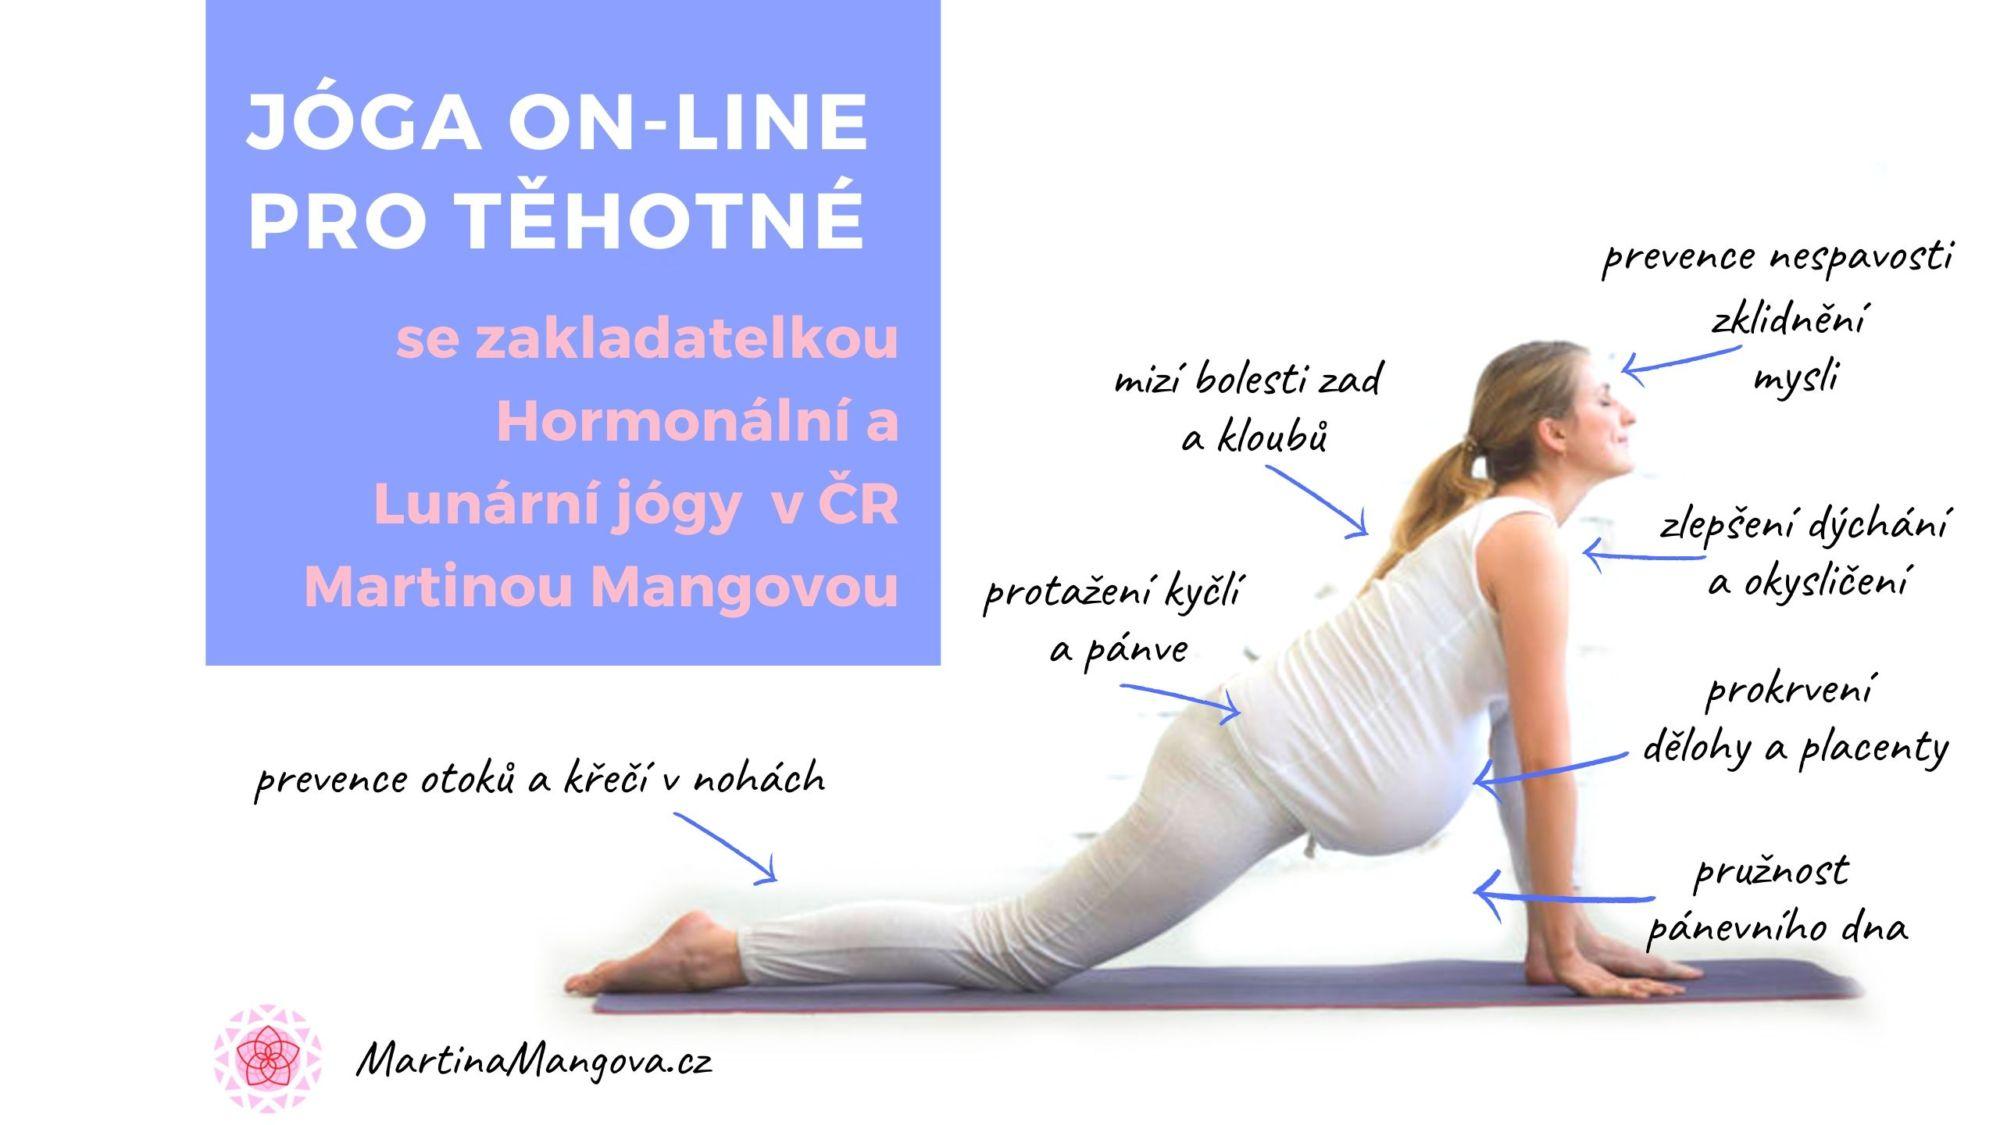 Jóga ON-LINE pro těhotné - měsíční členství_kopie